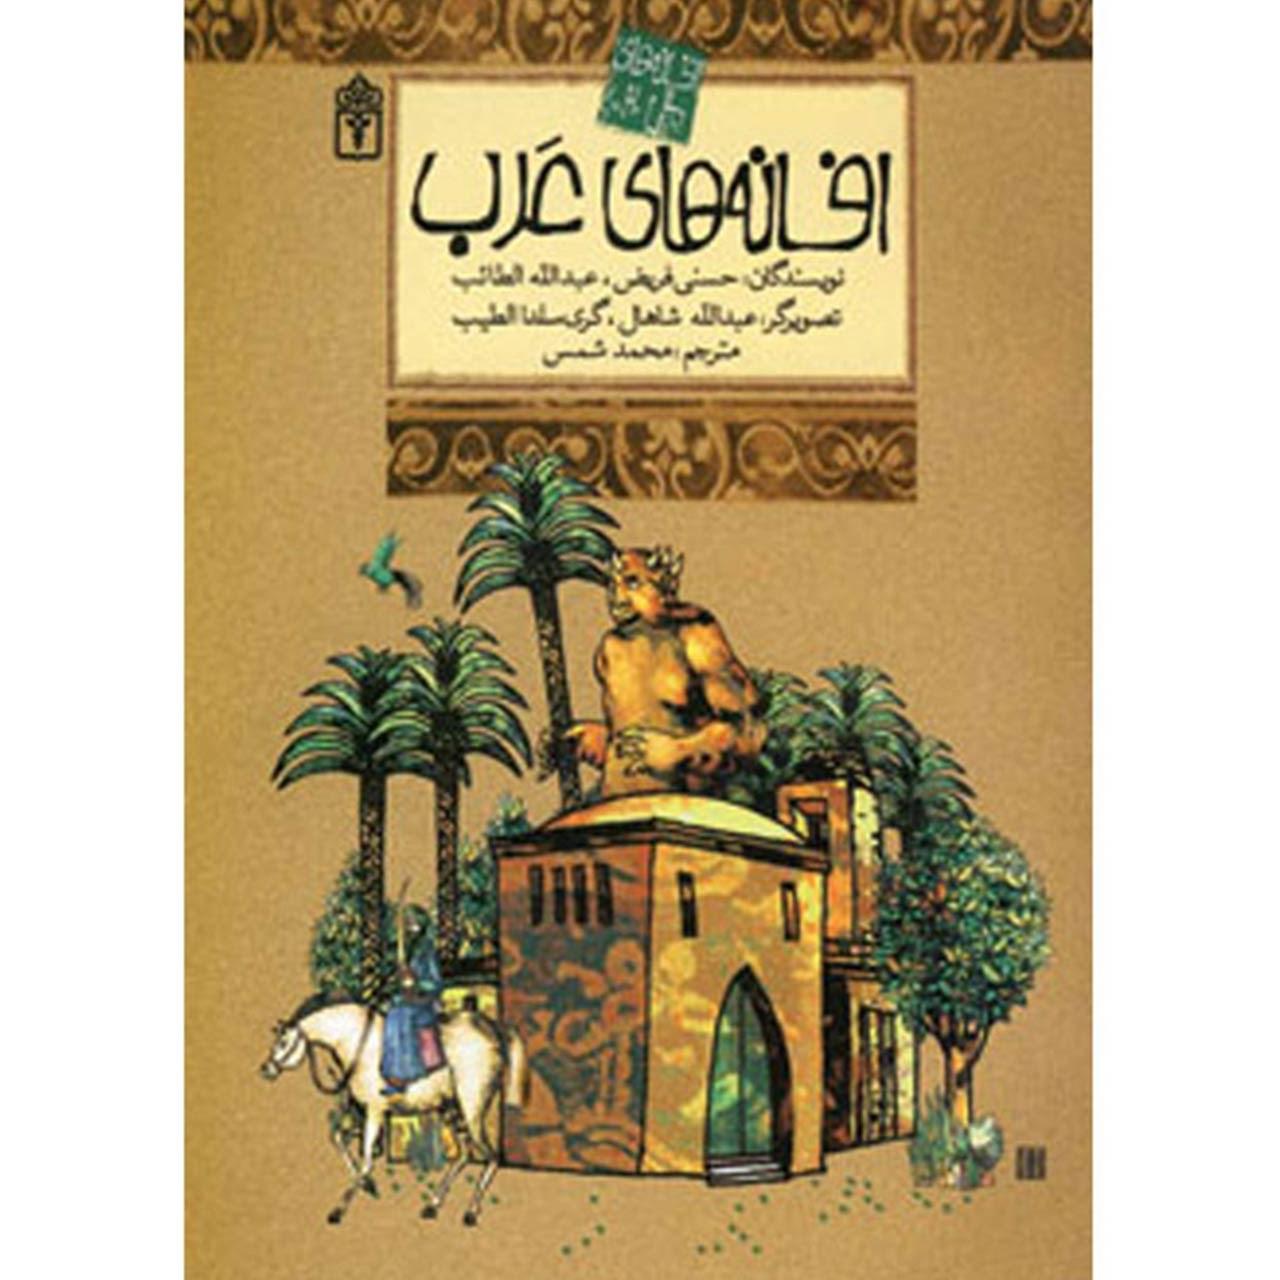 کتاب افسانه های عرب اثر محمدرضا شمس